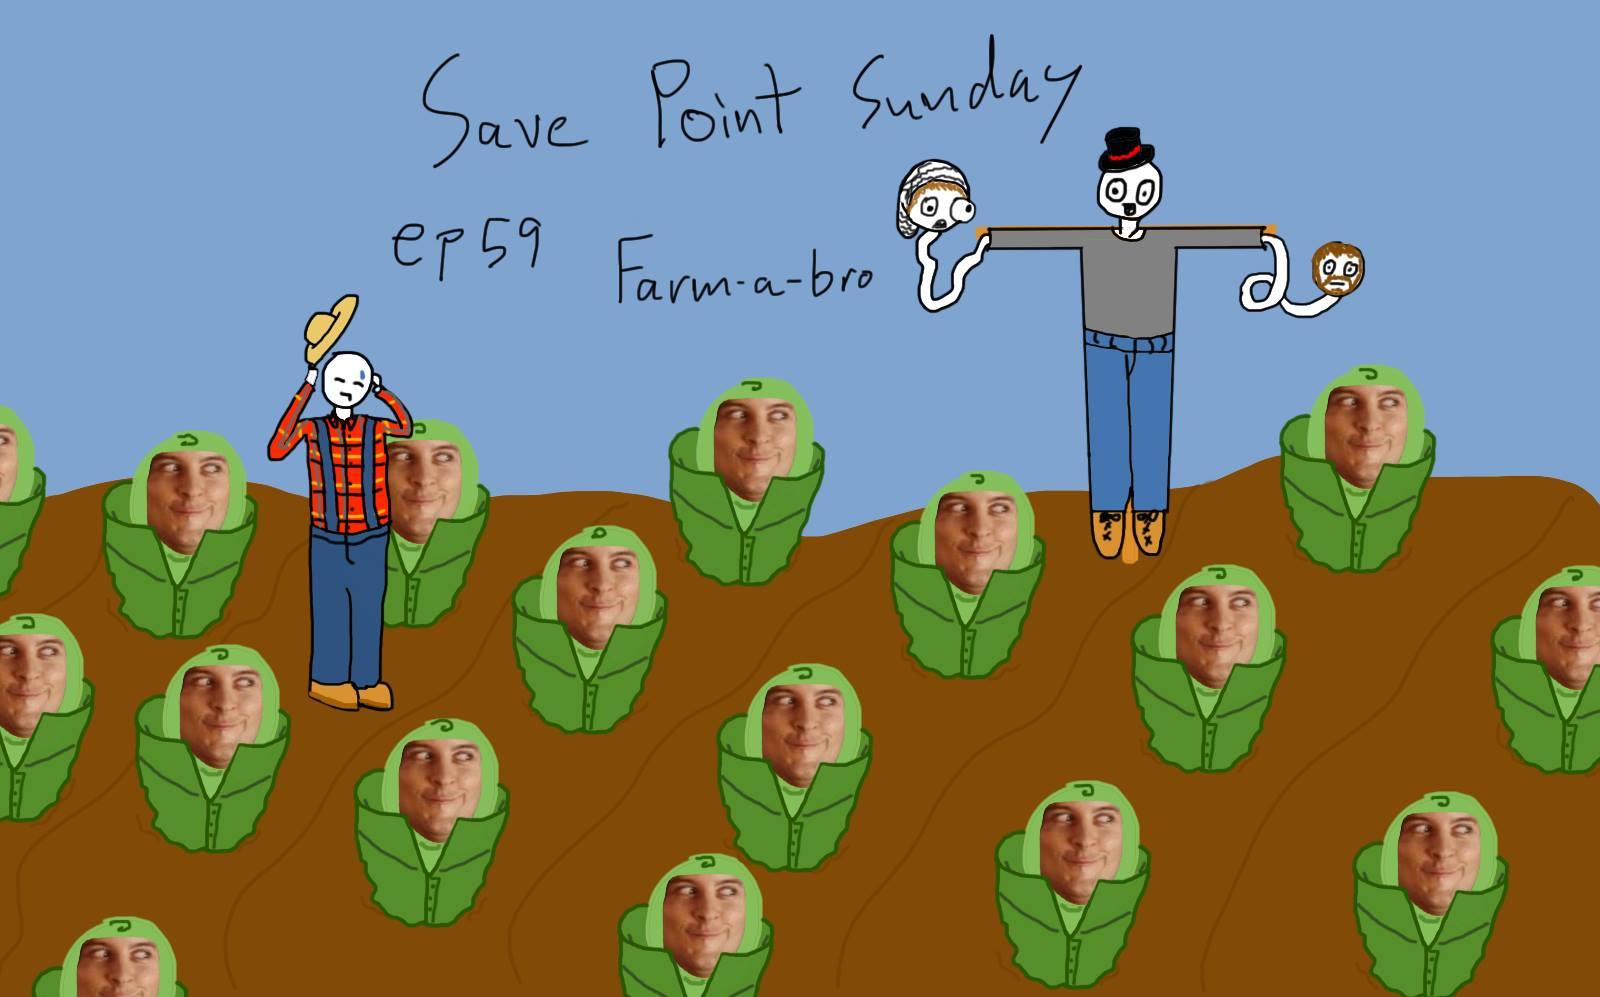 Episode 59: Farm-A-Bro